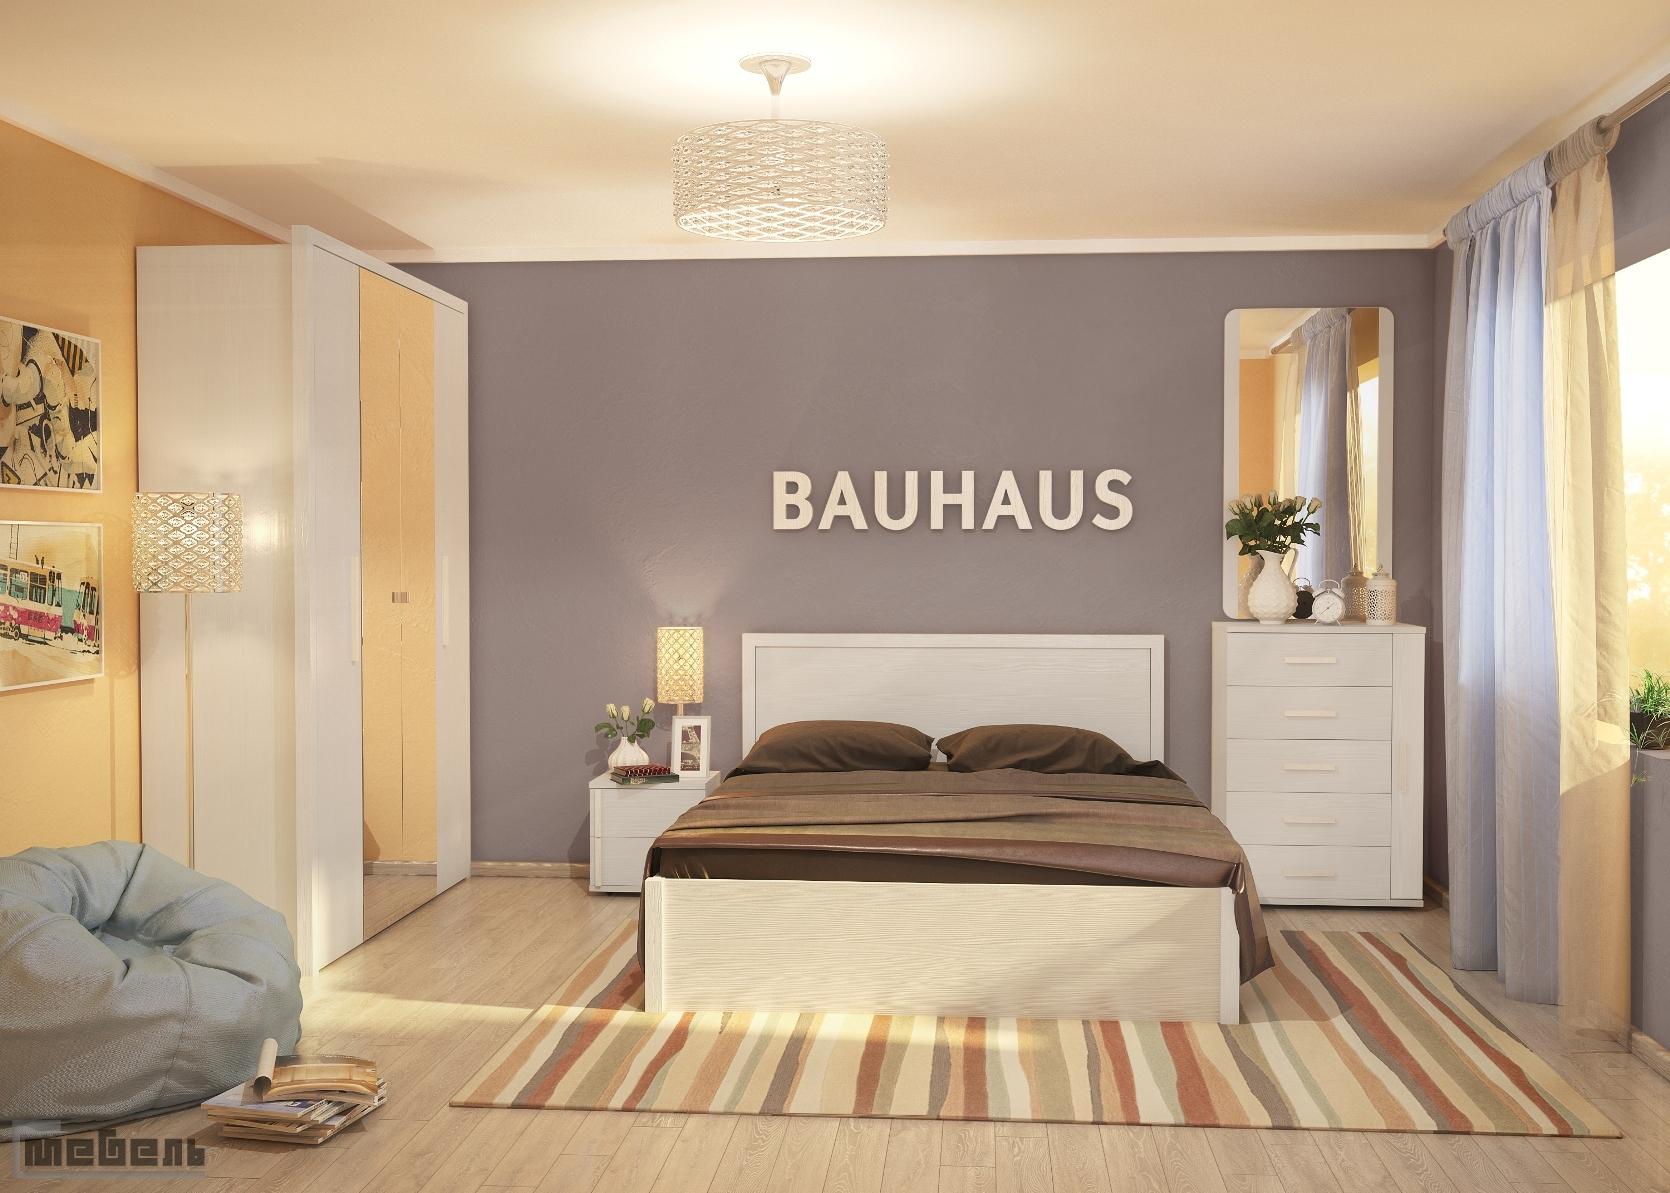 """Спальня """"Bauhaus"""" модульная - Комплектация №2"""